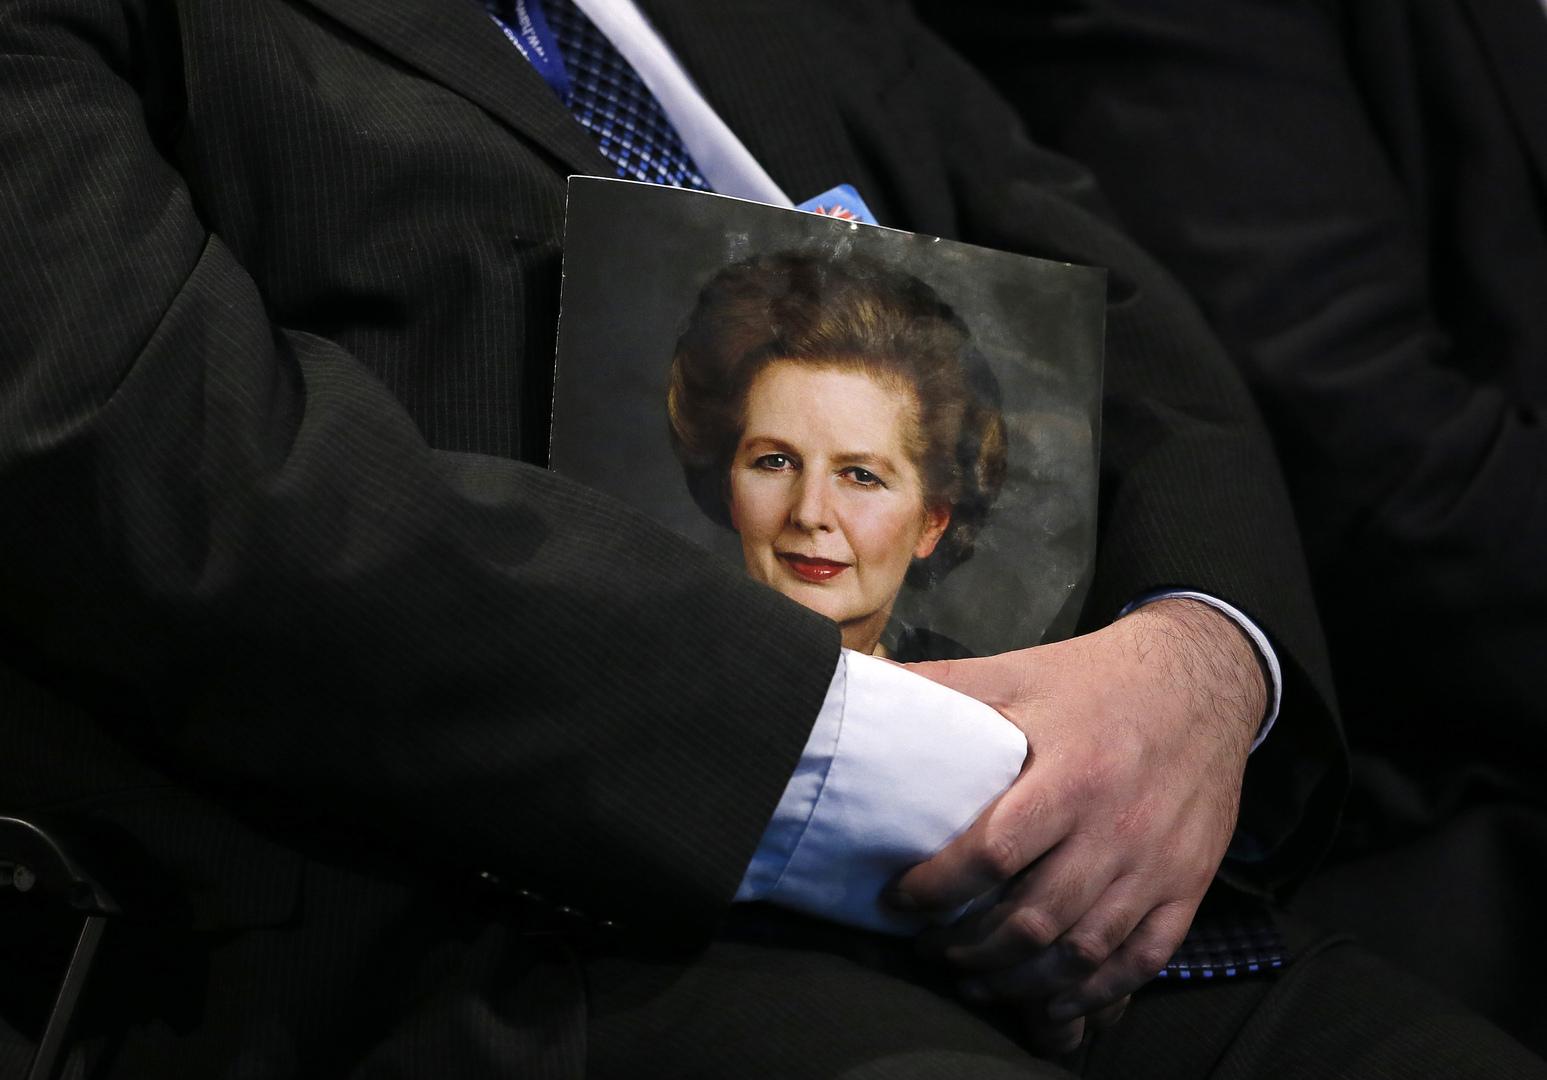 وثائق: مارغريت تاتشر كانت تقارن صدام حسين بهتلر